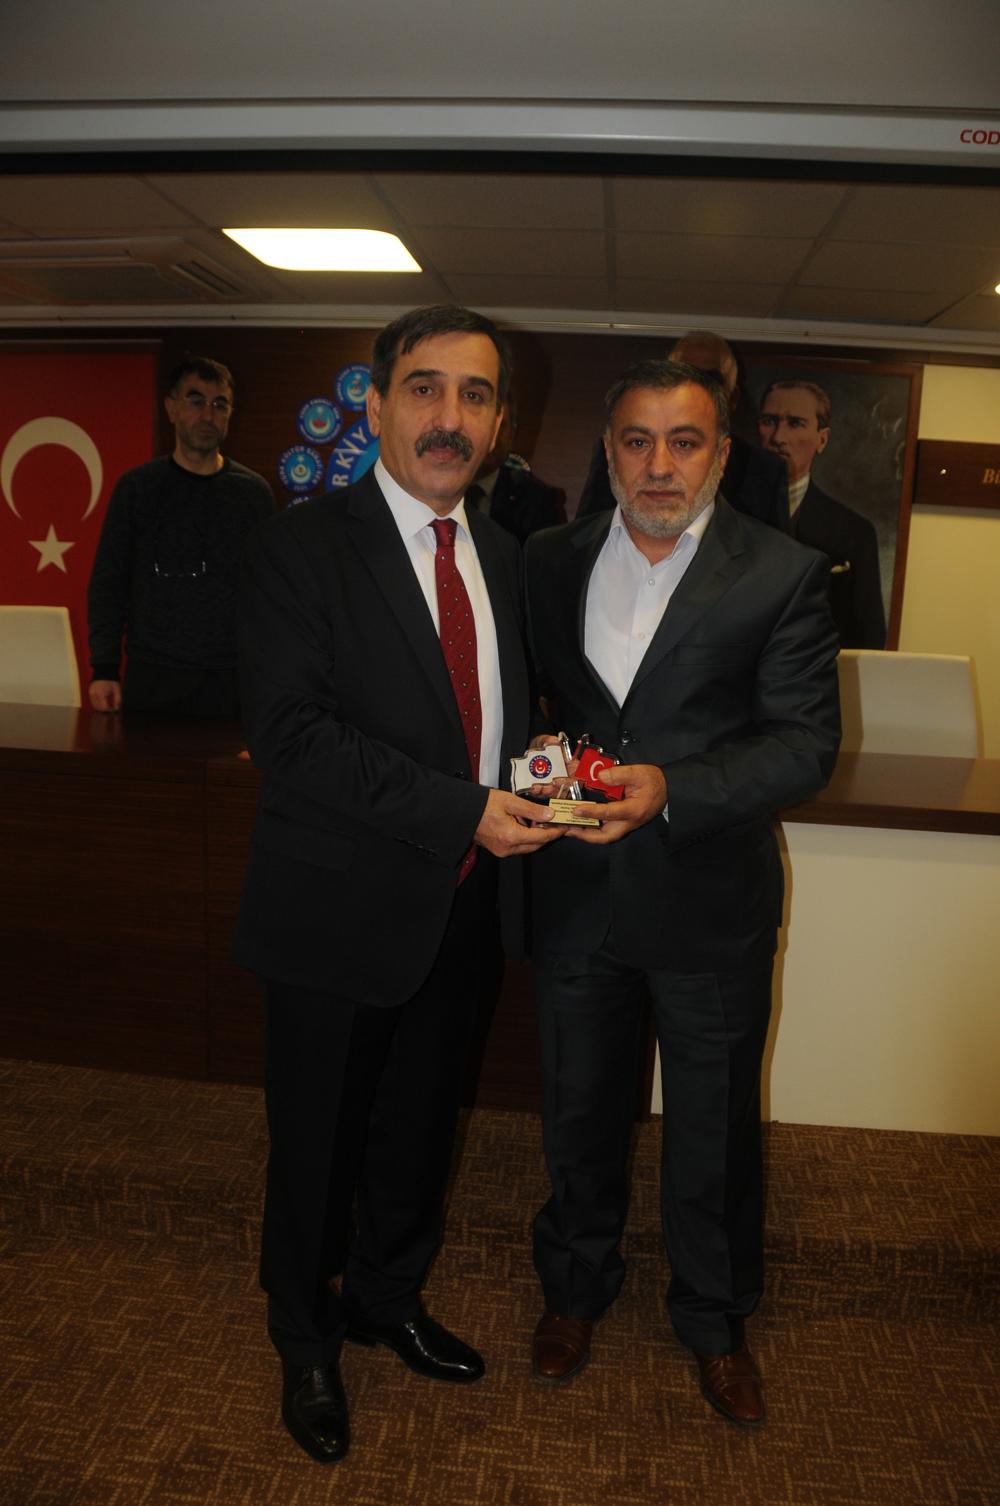 Genel Başkanımız Önder Kahveci,  Genel Başkan Yardımcılarımız ile birlikte Ankara 4, Ankara 3, Bakanlık ve Ankara Üniversite şubelerimizin genel kurullarına katıldı. Genel Başkanımız genel kurullarda birer konuşma yaparak teşkilatımıza seslendi.